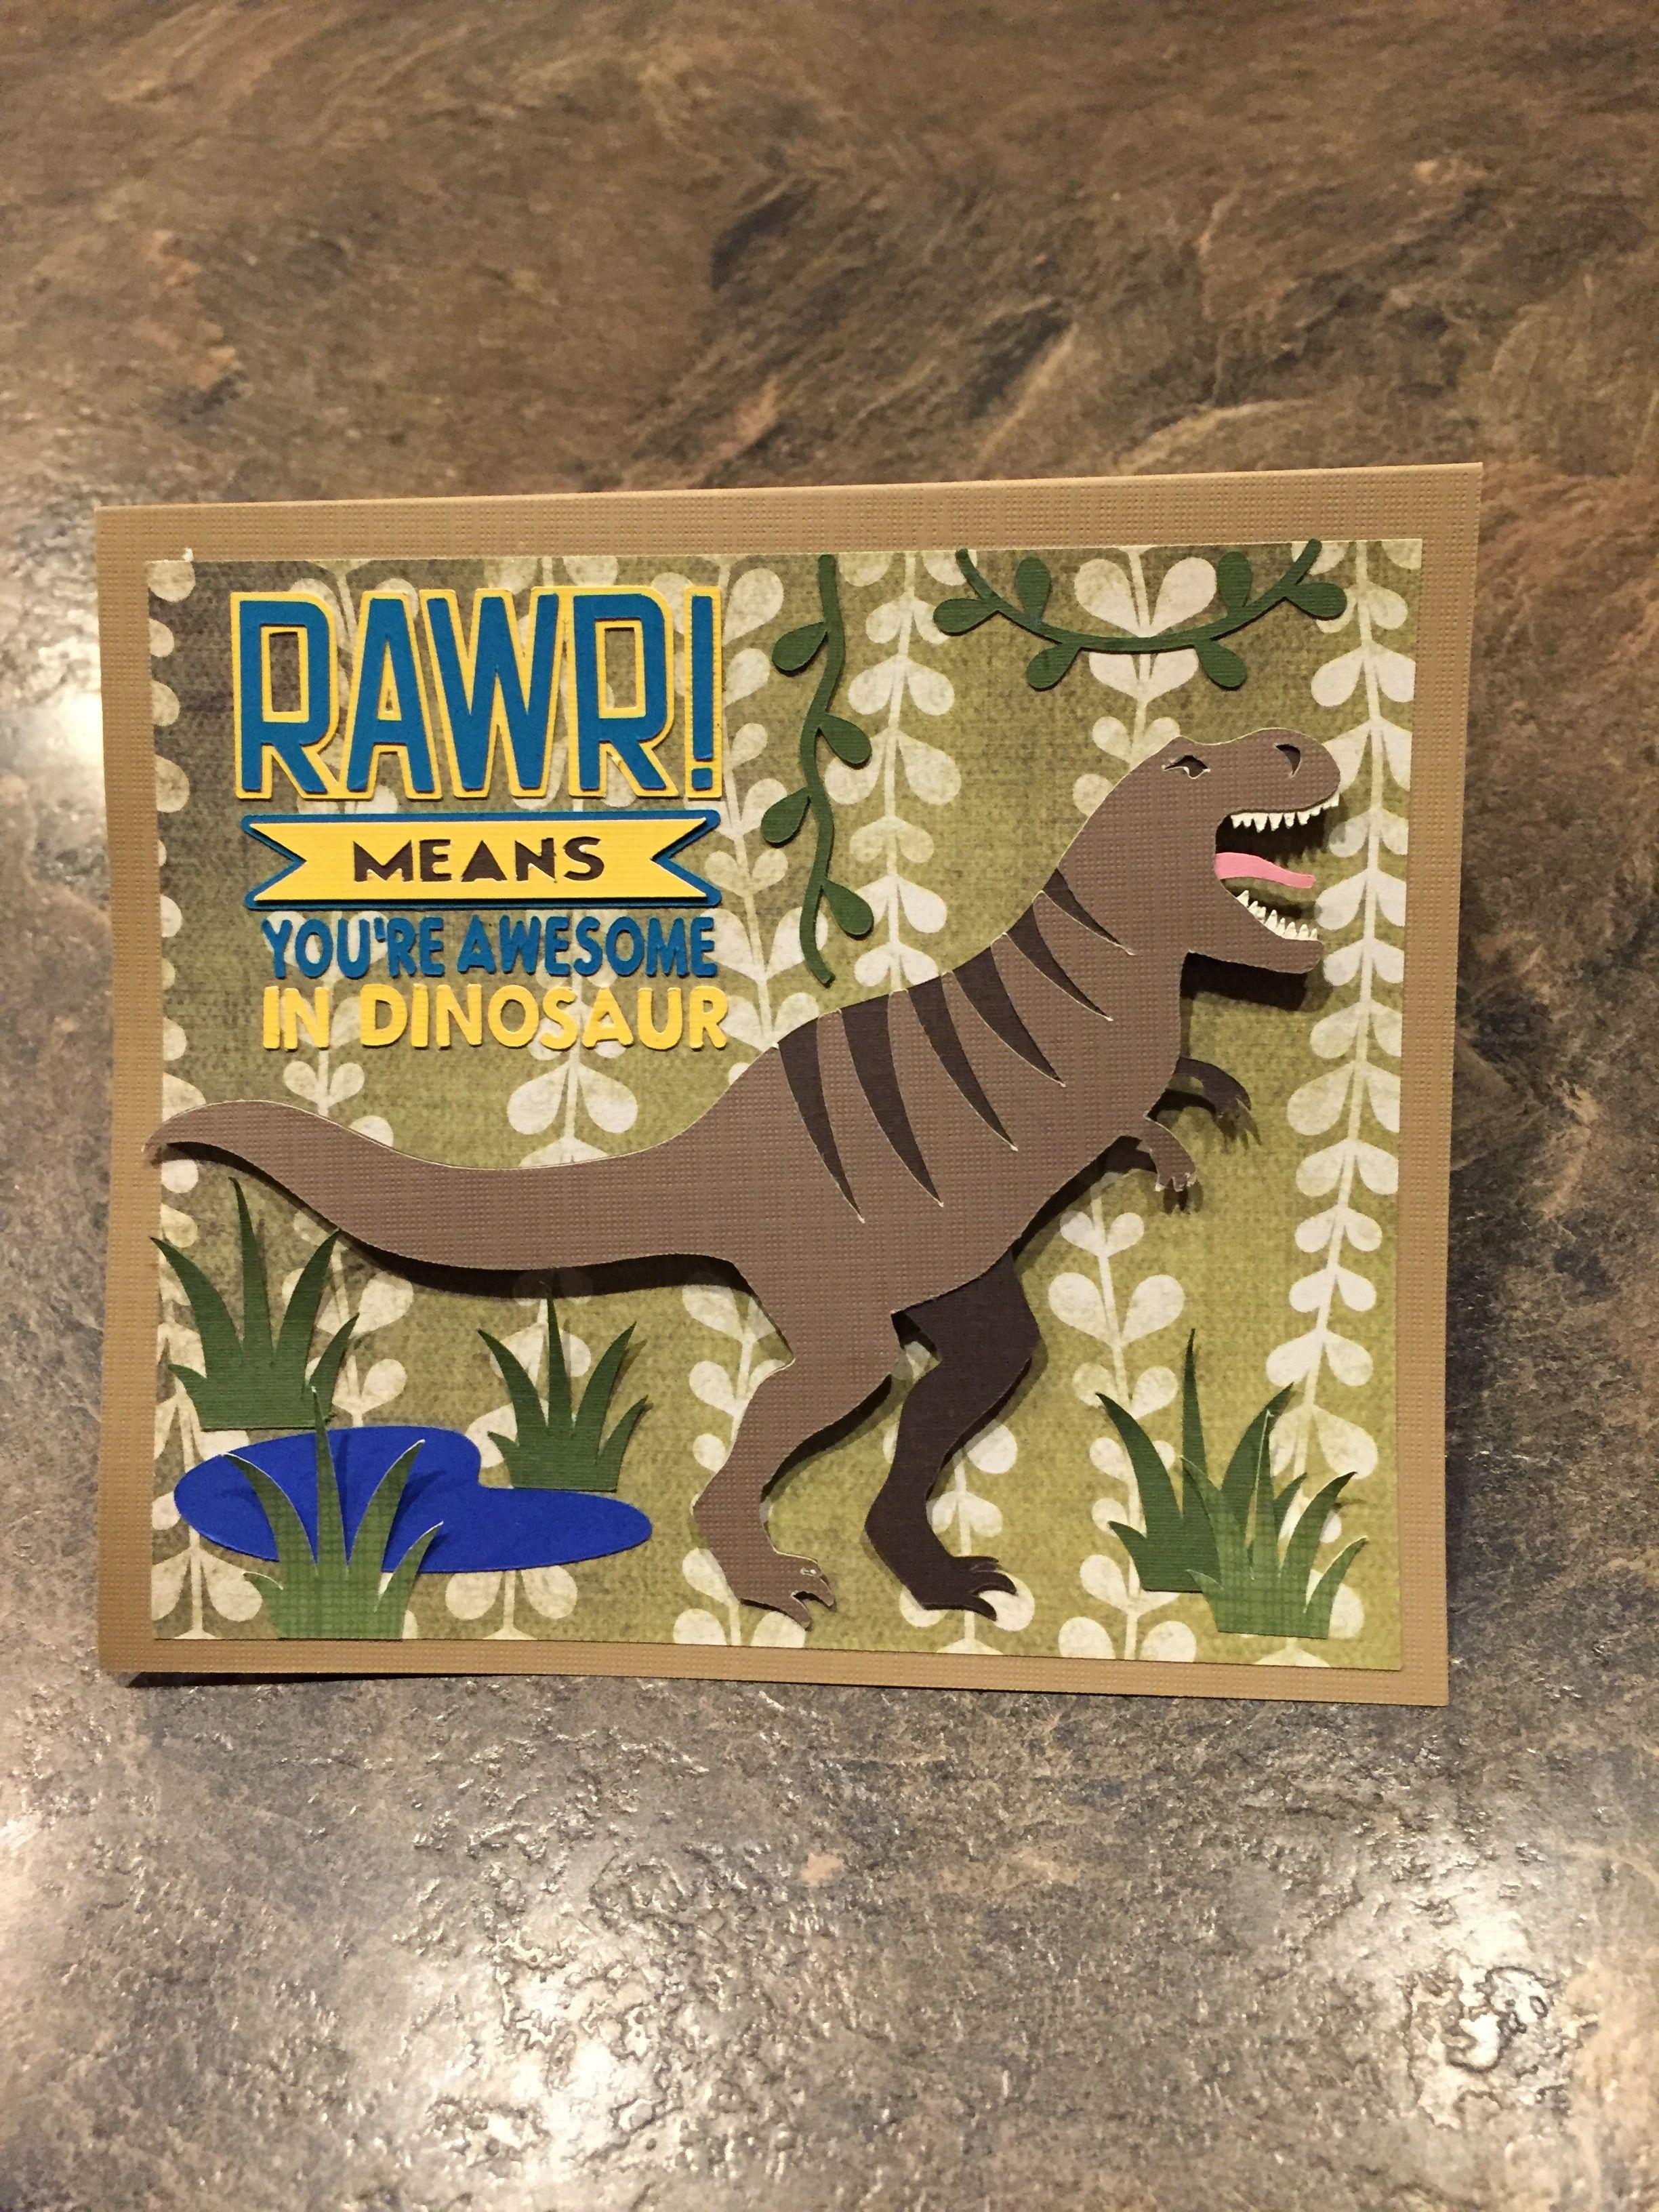 Dinosaur Birthday Card Made Using The Cricut Design Space Dinosaur Cards Card Making Birthday Birthday Cards